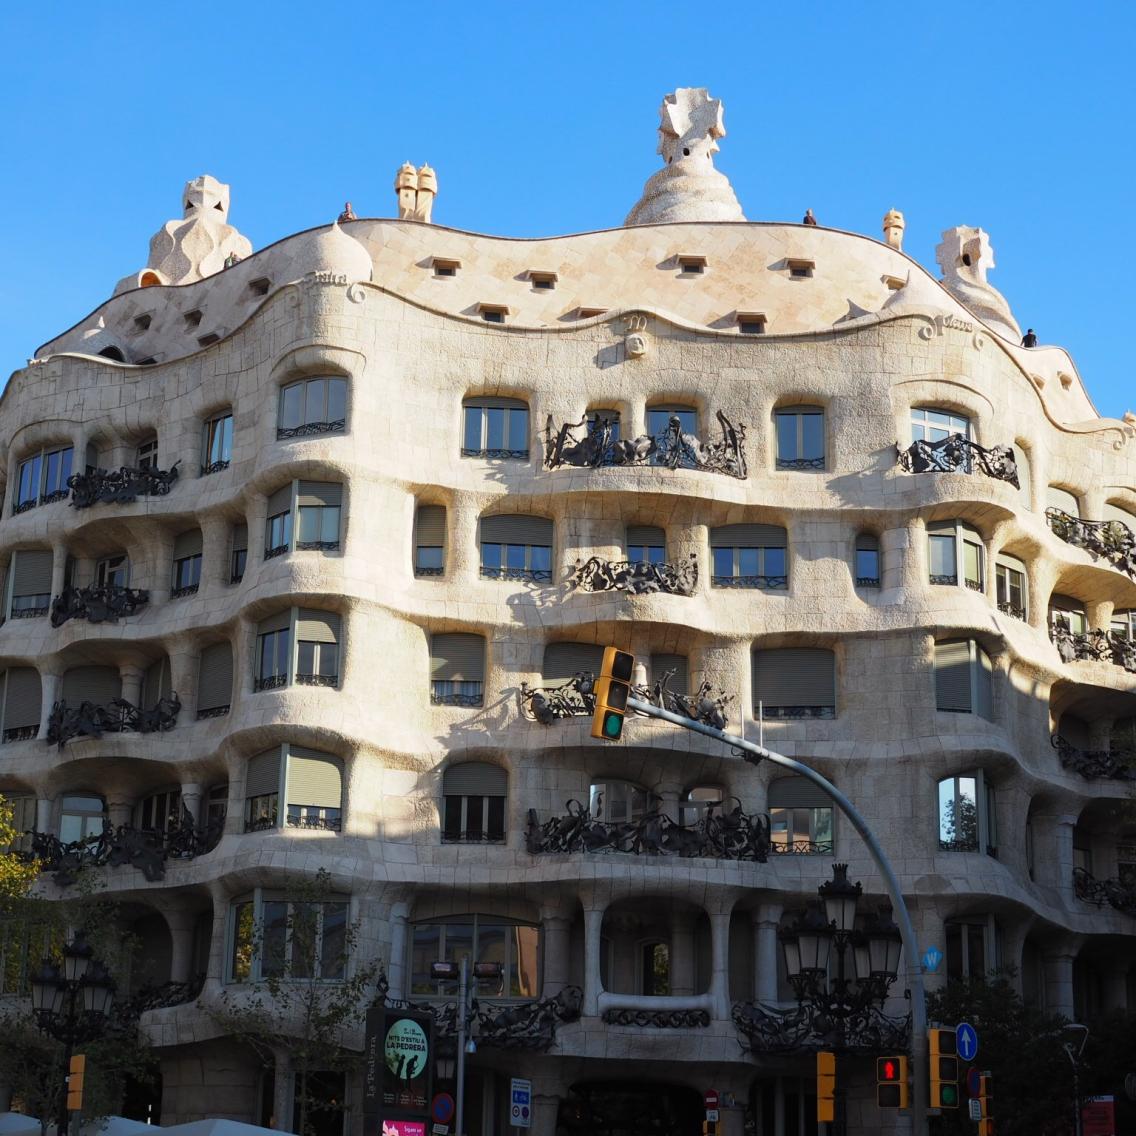 Gaudin mestariteos Casa Mila, jonka Unesco on luokitellut maailman kulttuuriperintöön kuuluvaksi.